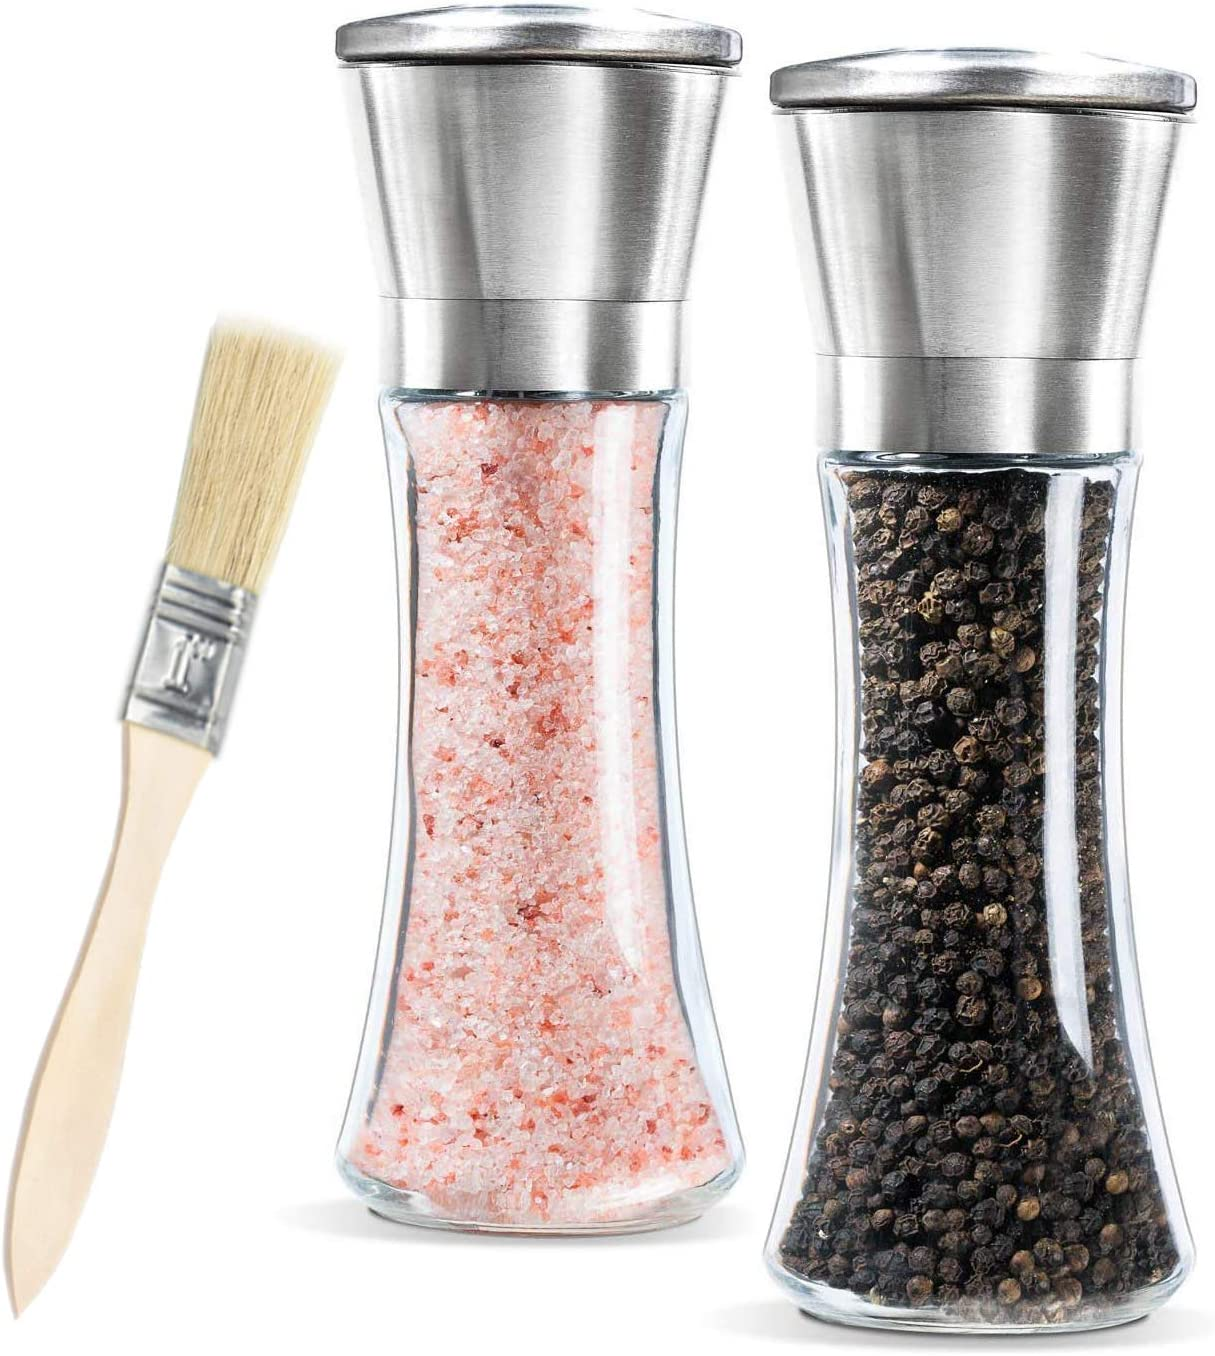 Molinillo sal y pimienta,Newyond Molinillos de especias,Acero inoxidable y vidrio(Conjunto de 2 piezas)